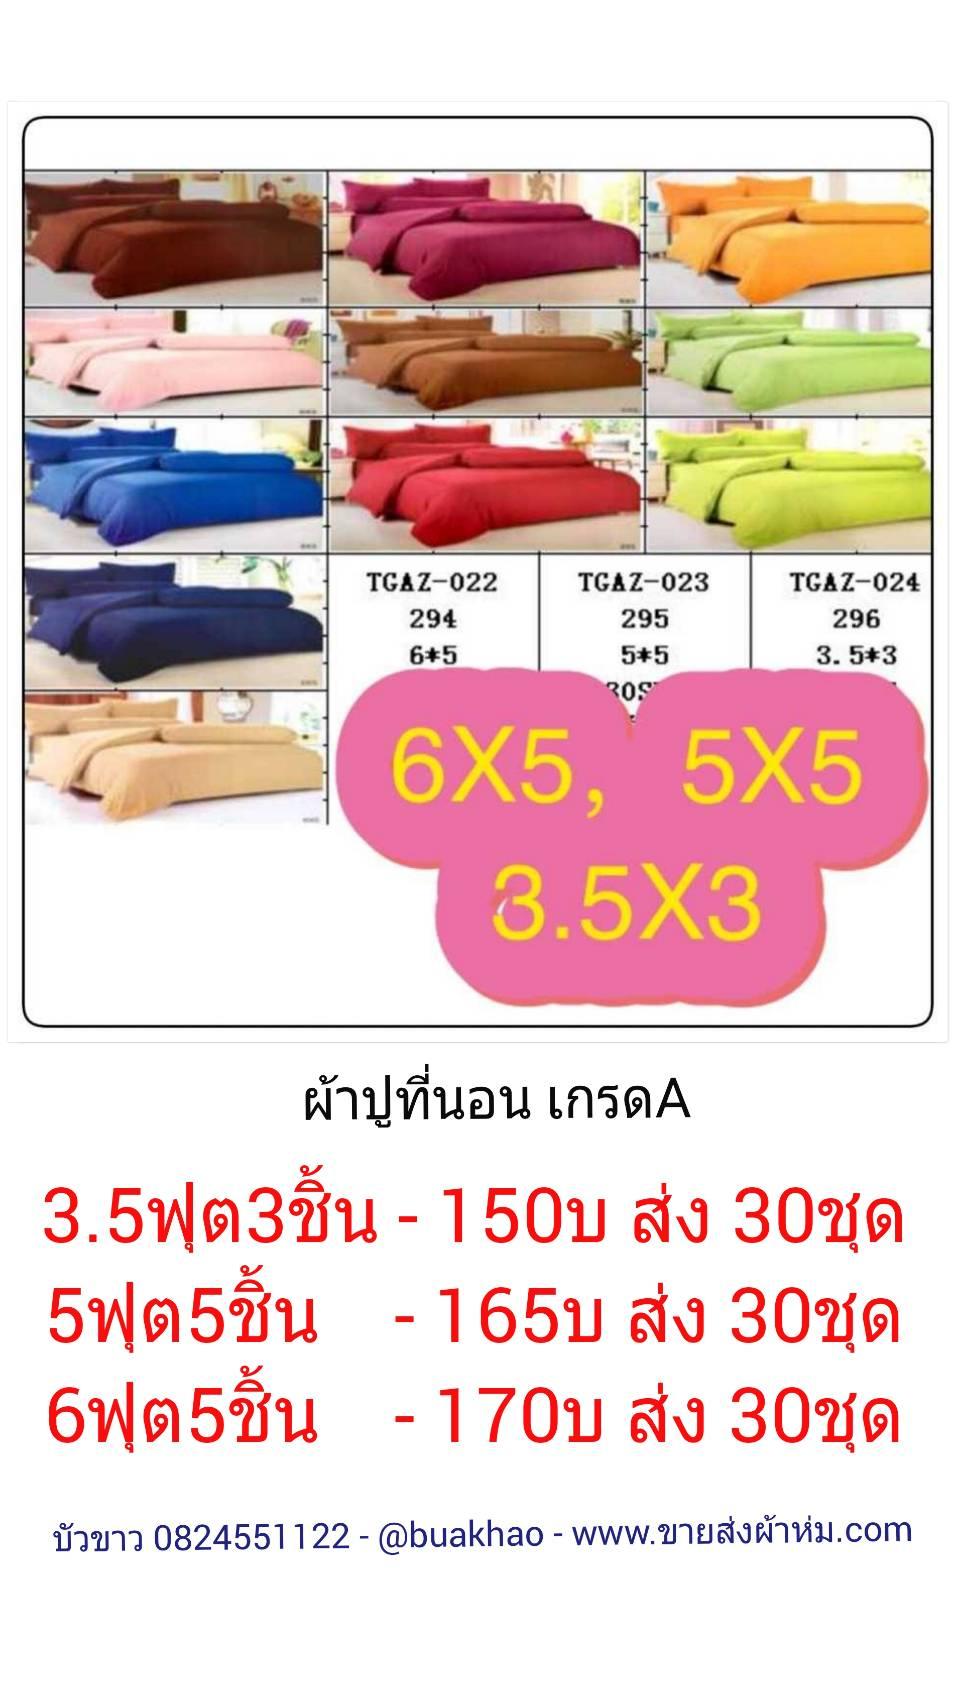 ผ้าปูที่นอน สีพื้น เกรดA 3.5ฟุต 3ชิ้น ชุดละ 150บ ส่ง 30ชุด